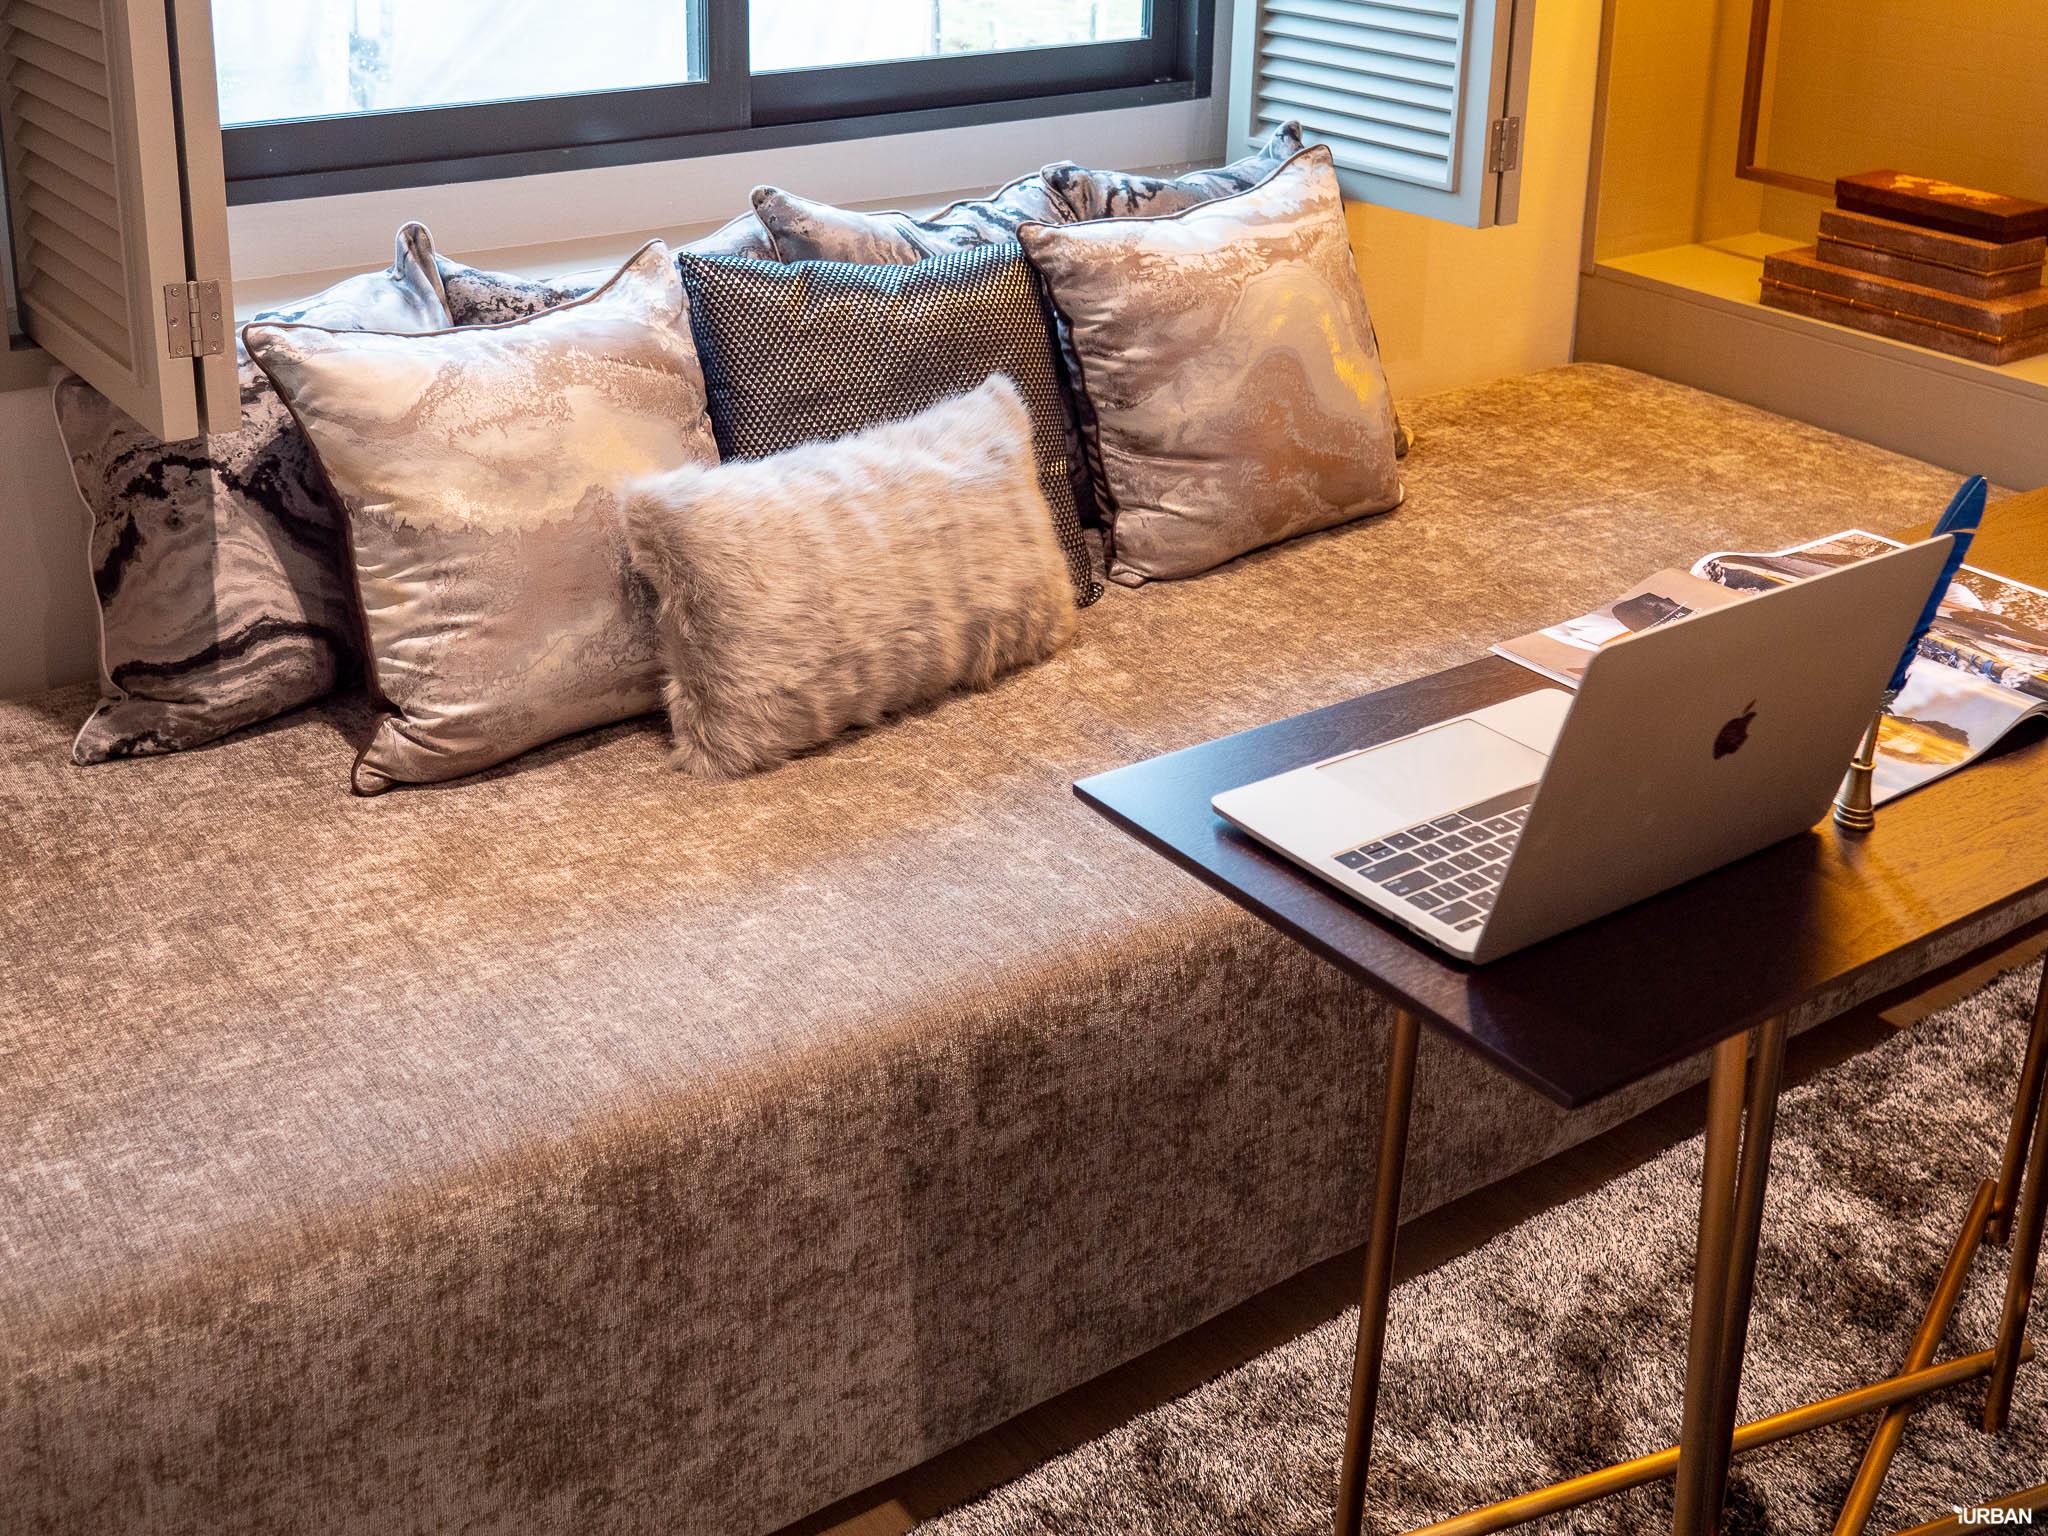 รีวิว URBANIO วิภาวดี-แจ้งวัฒนะ พรีเมียมทาวน์โฮม 3 ชั้นสุดสวย ใกล้สถานี Interchange เริ่ม 5.59 ล้าน จาก Ananda 109 - Premium